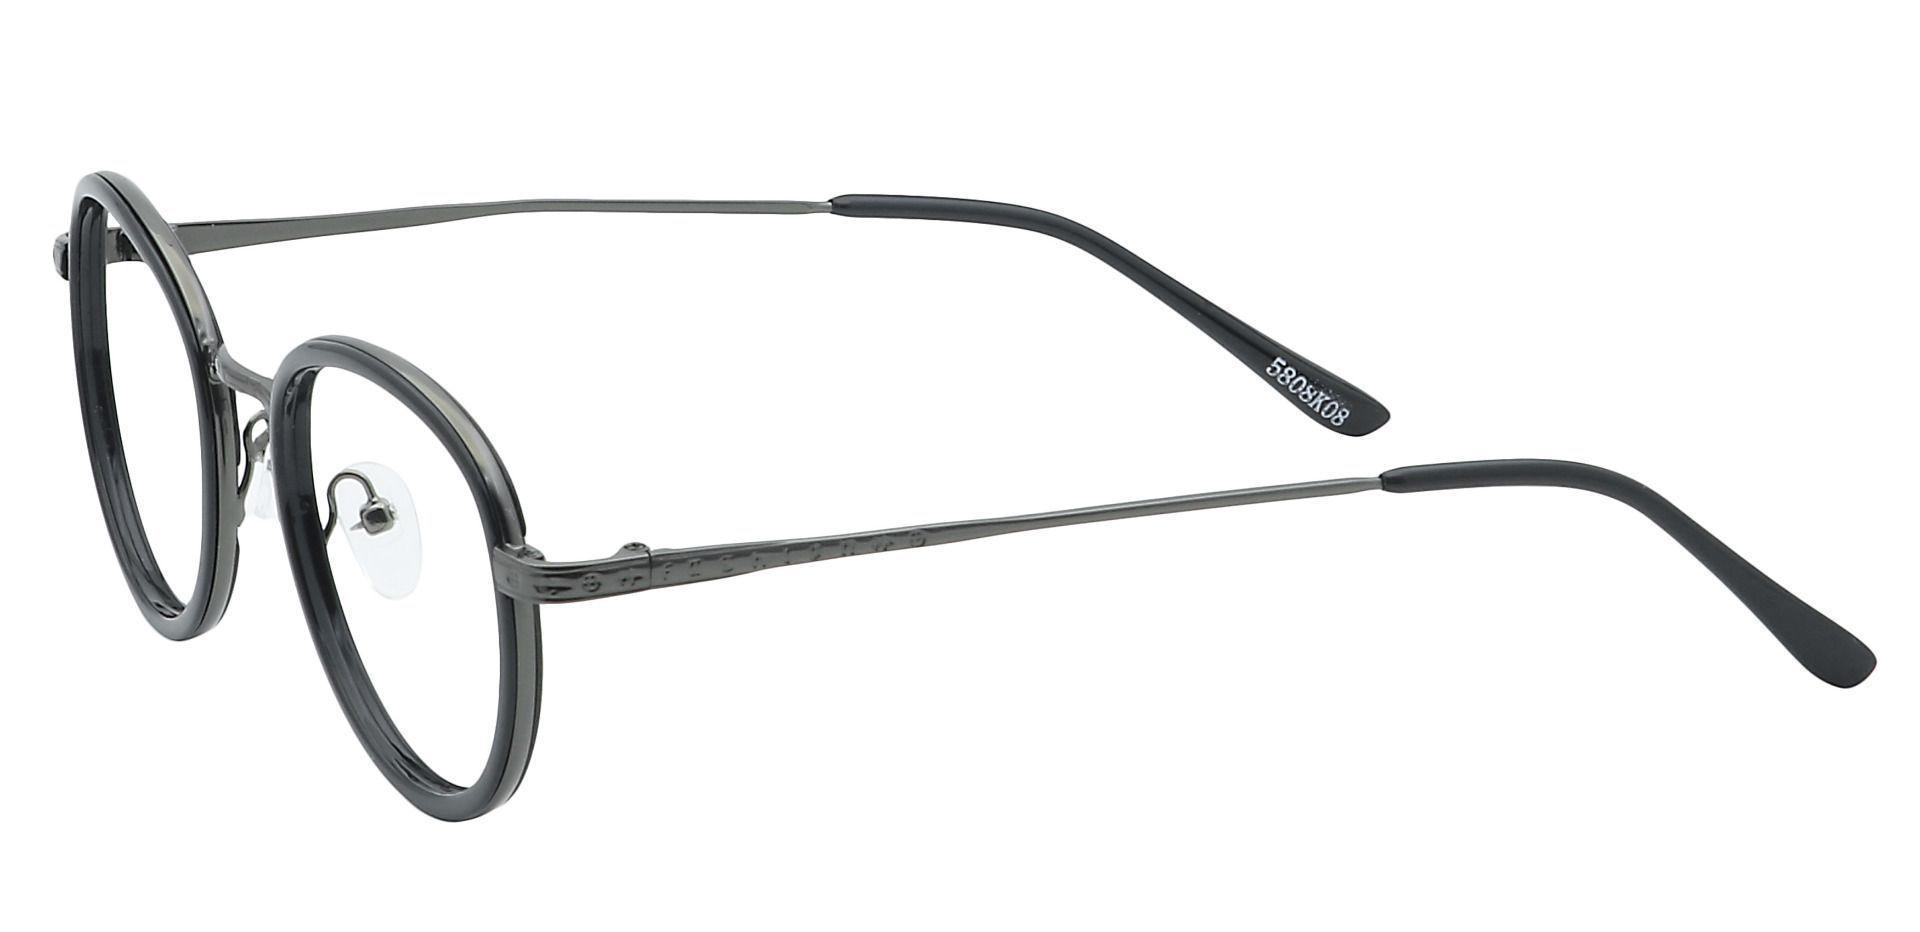 Gage Oval Prescription Glasses - Black